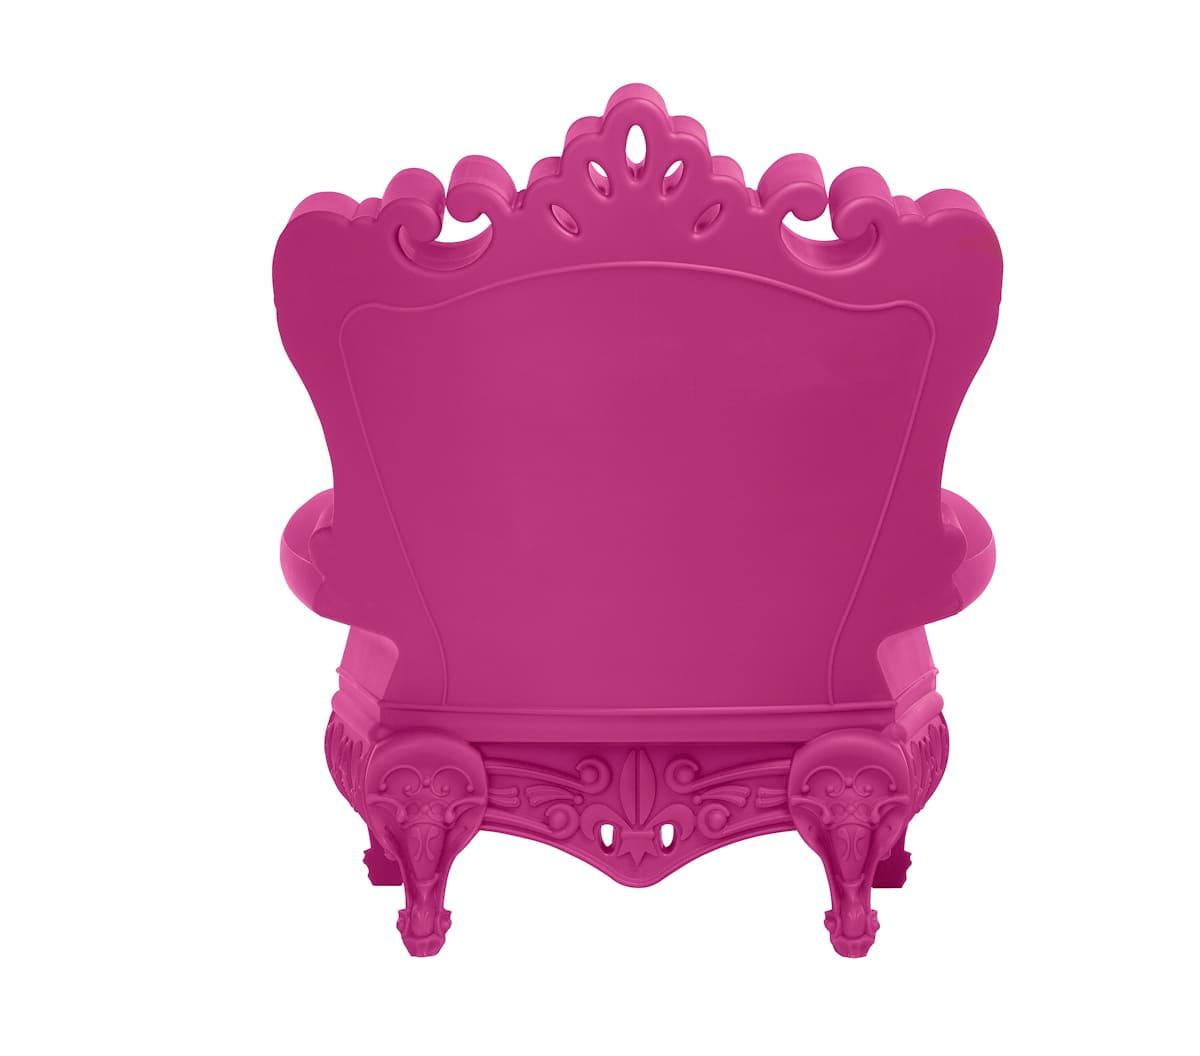 Schwere Barock Sessel Kunststoff - Barock Stuhl aus Kunststoff in verschieden Farben | Design of Love